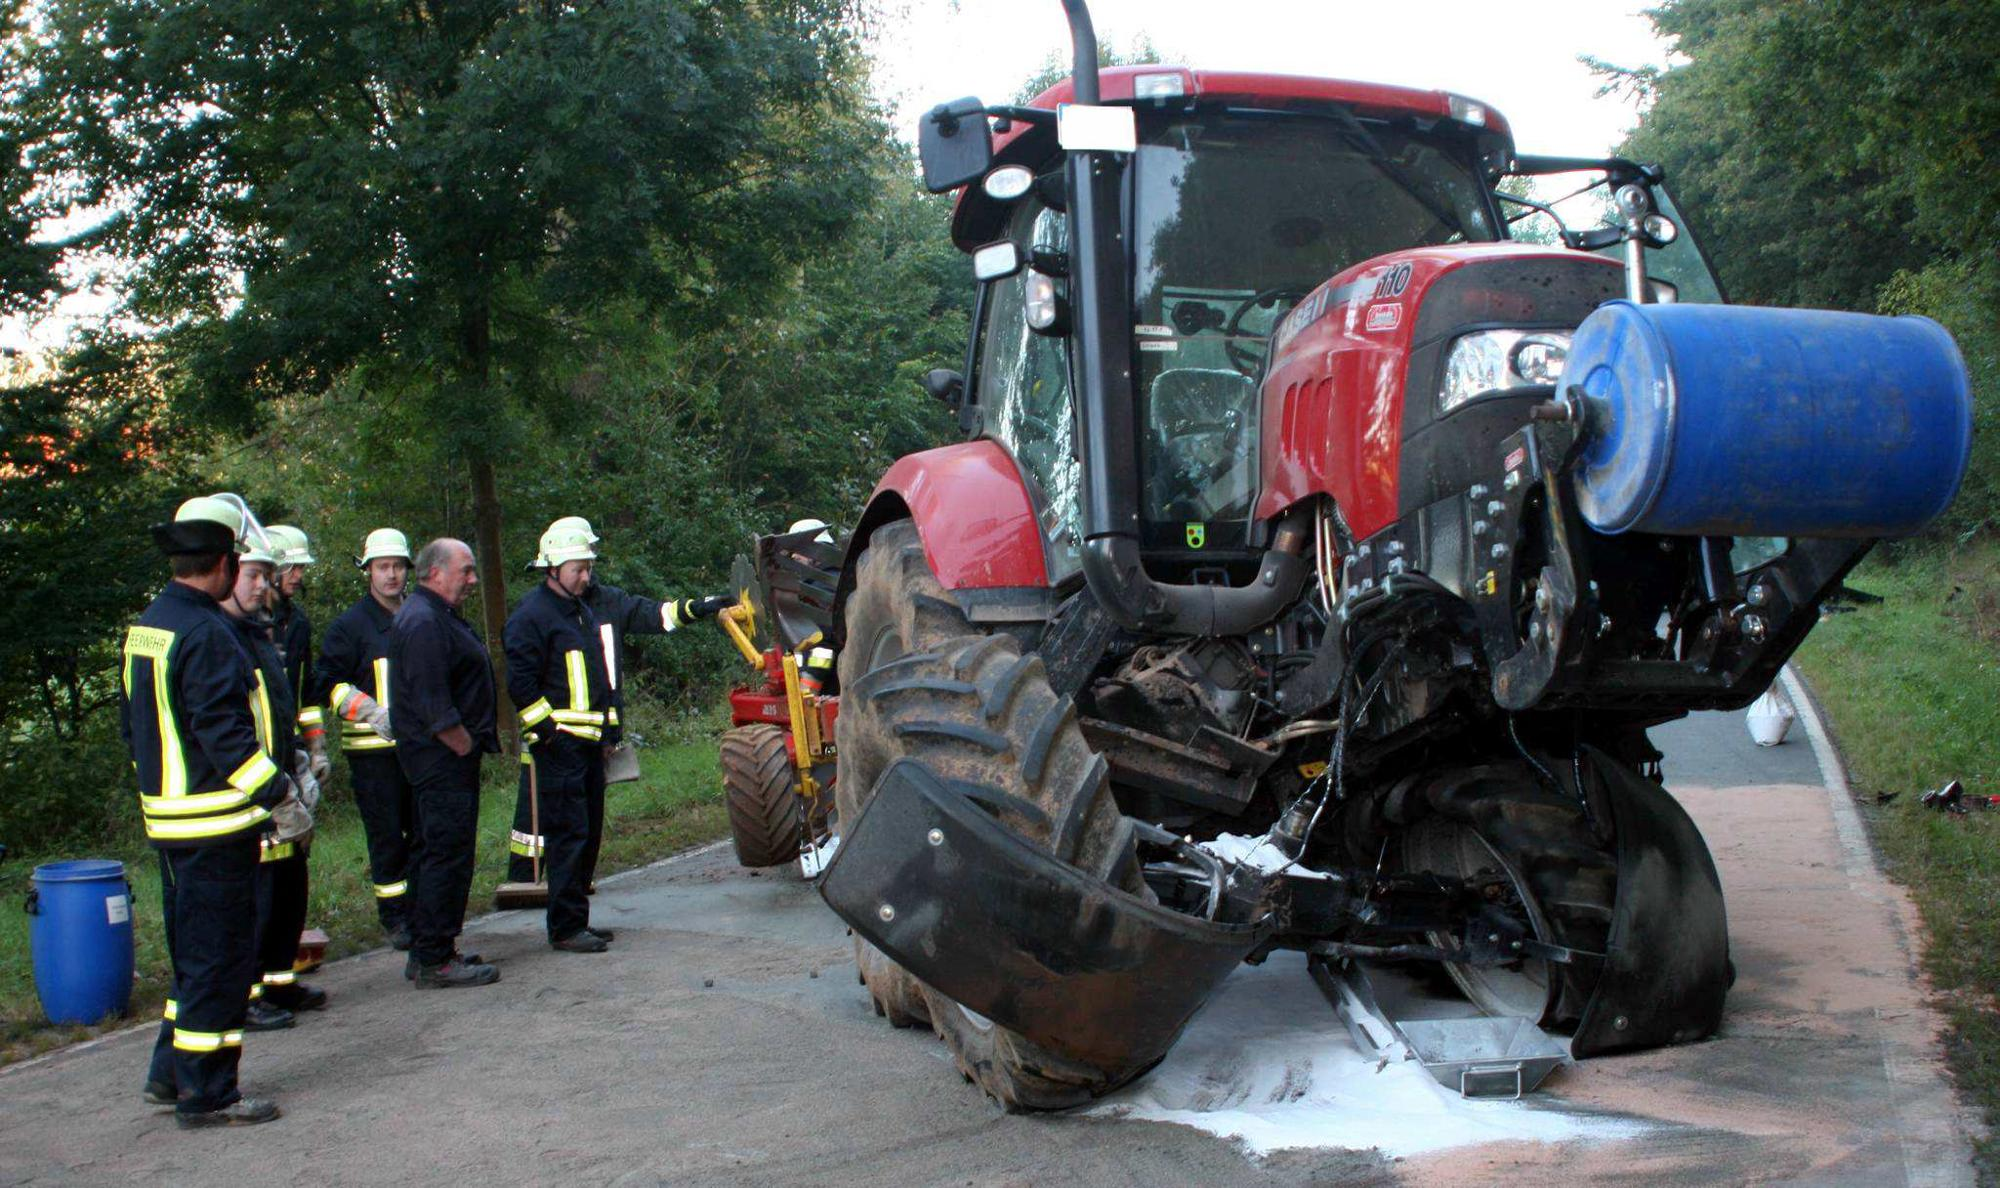 Verkehrsunfall bei Römershausen: Audi stieß gegen Schlepper ...